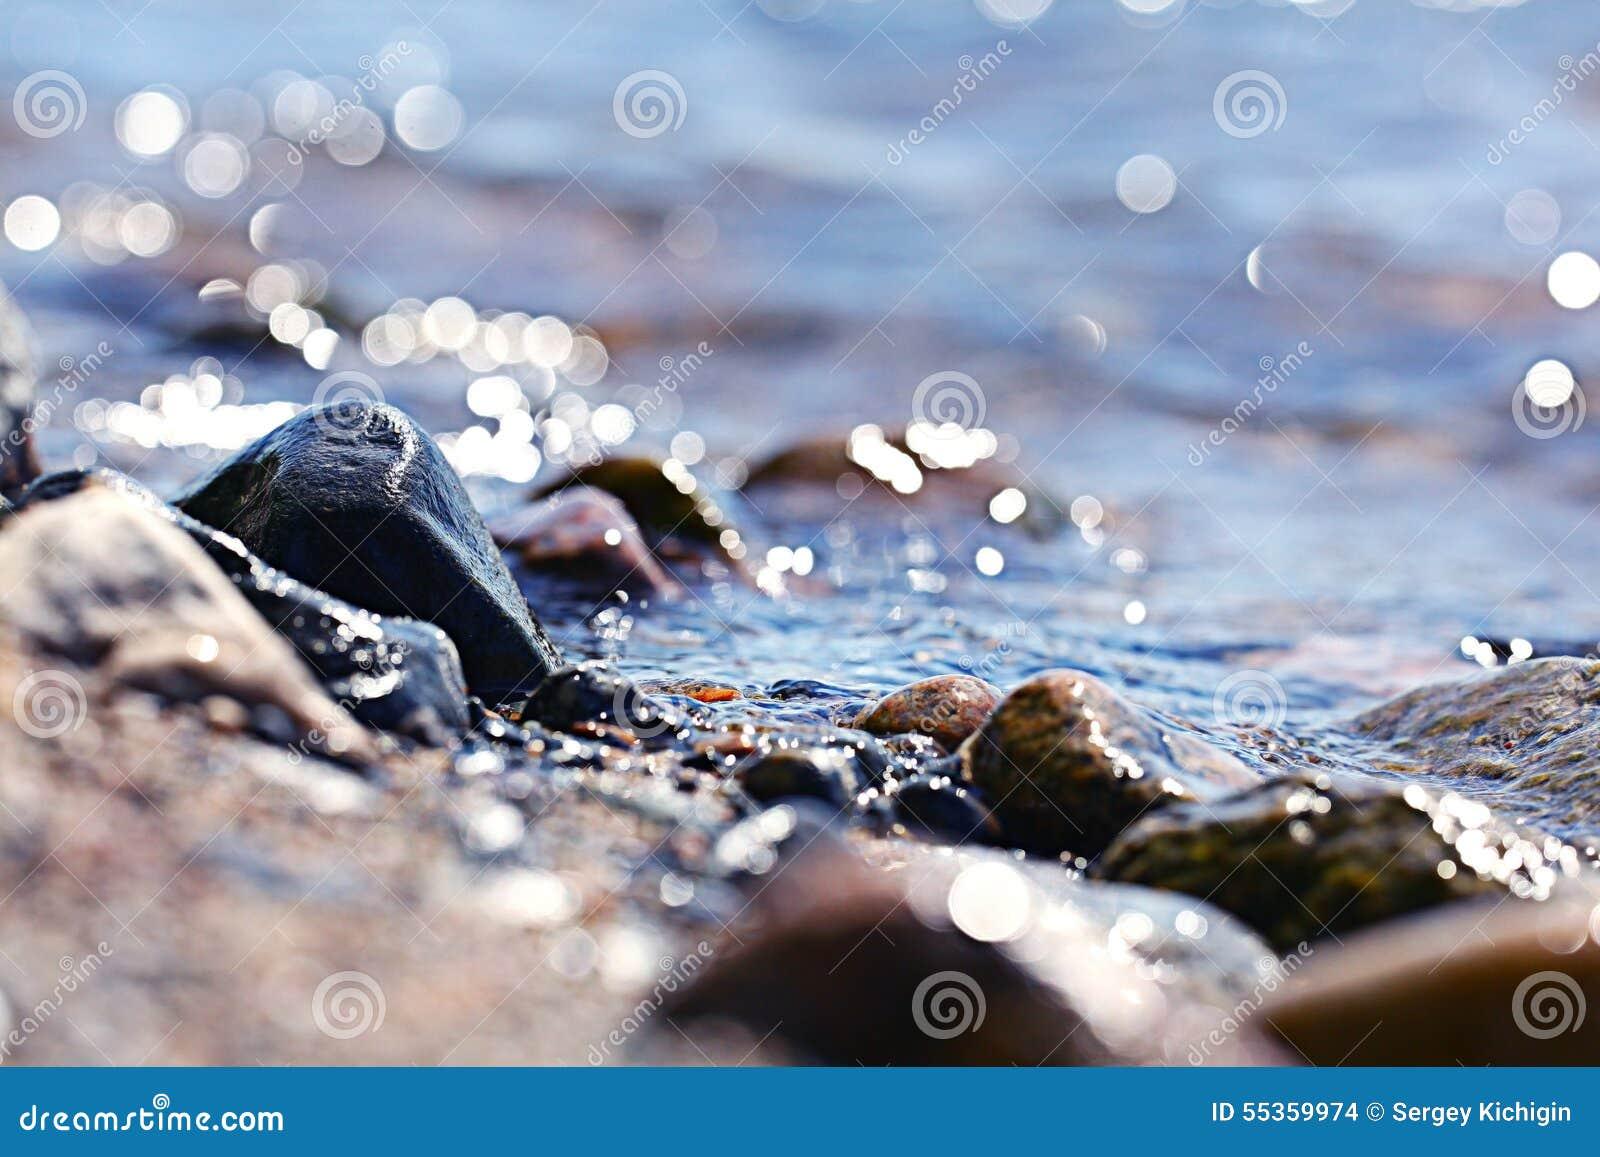 Ciottoli dei ciottoli sulla spiaggia